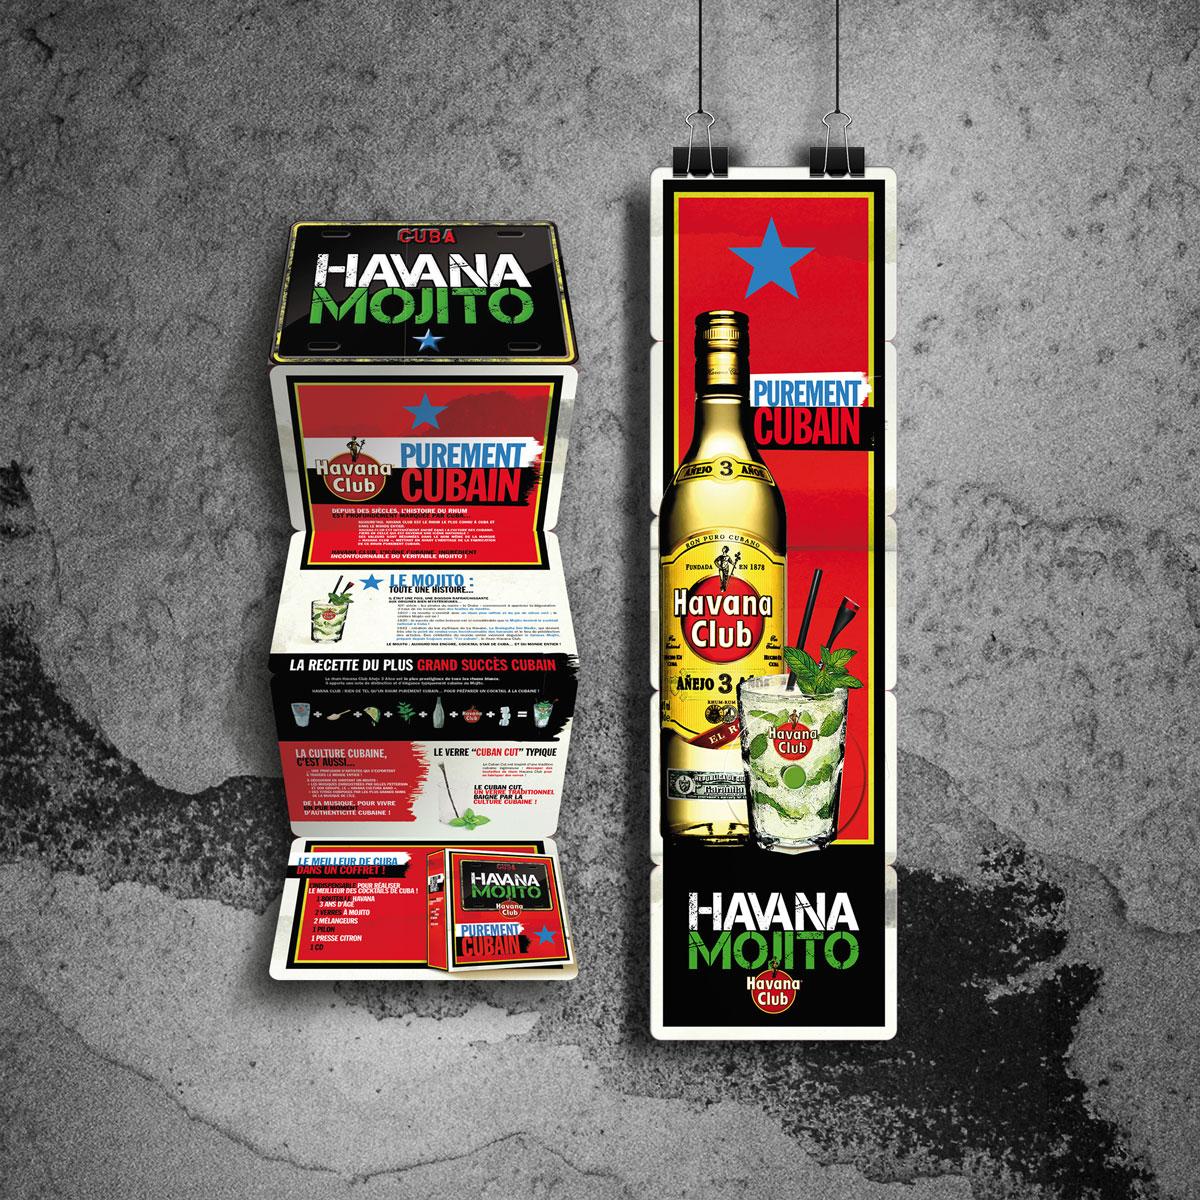 Havana dossier de presse